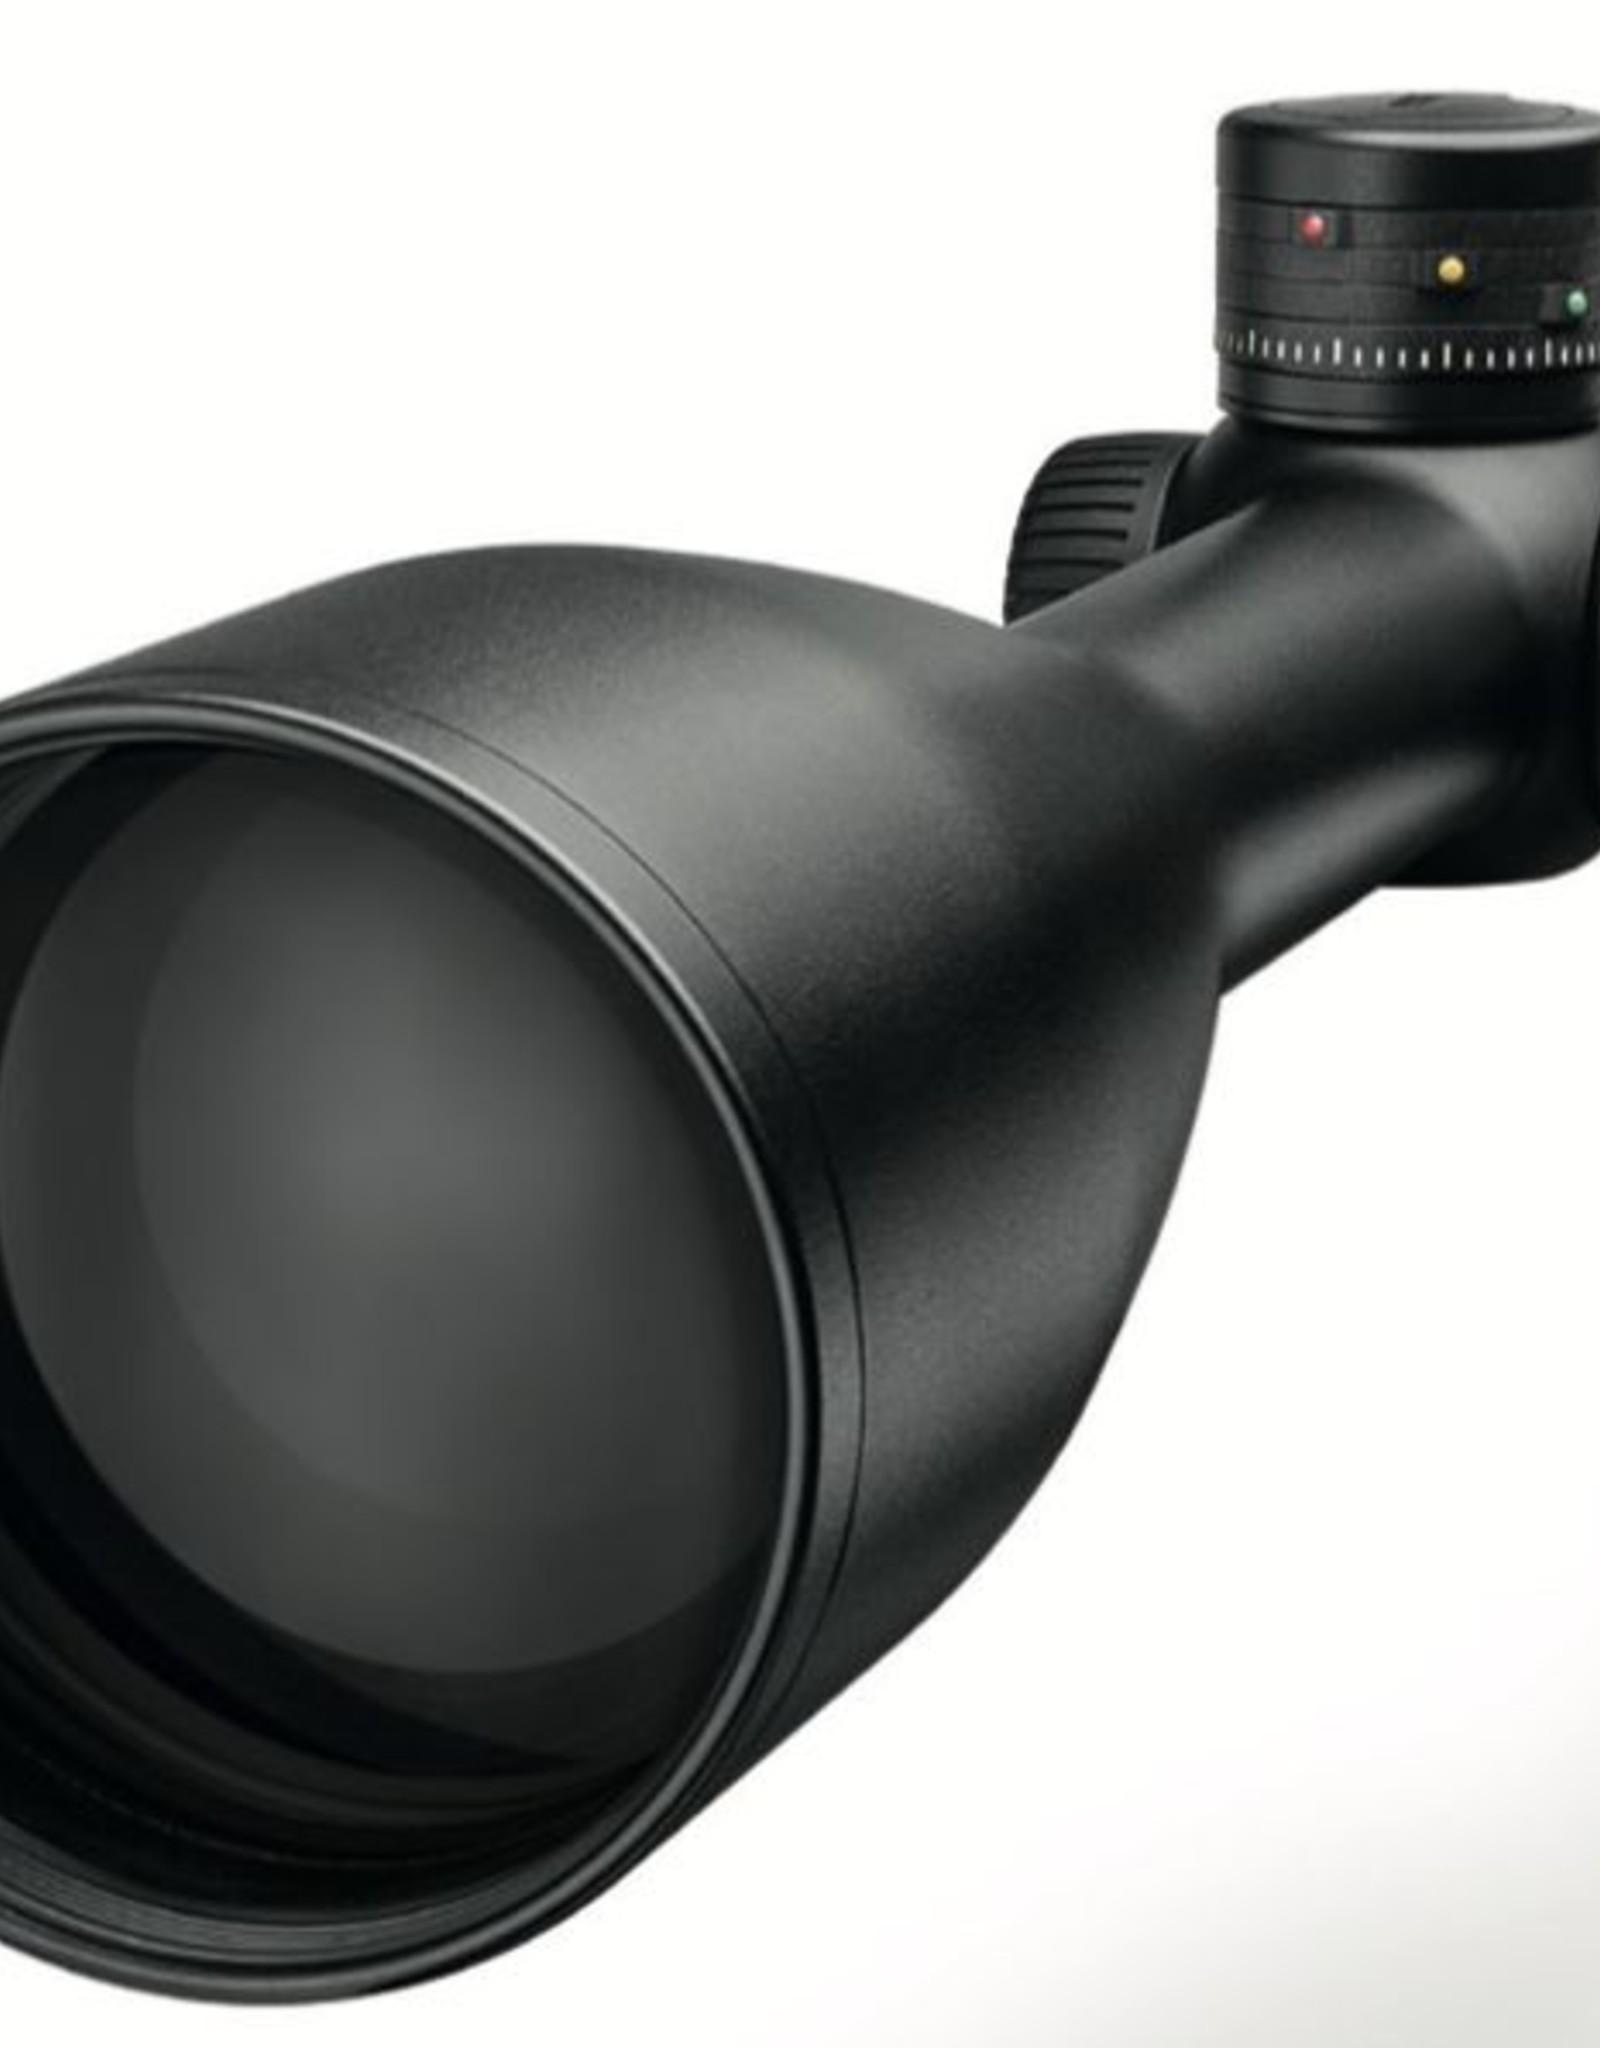 Swarovski Optik Z5 2.4-12x50 - BT-Plex